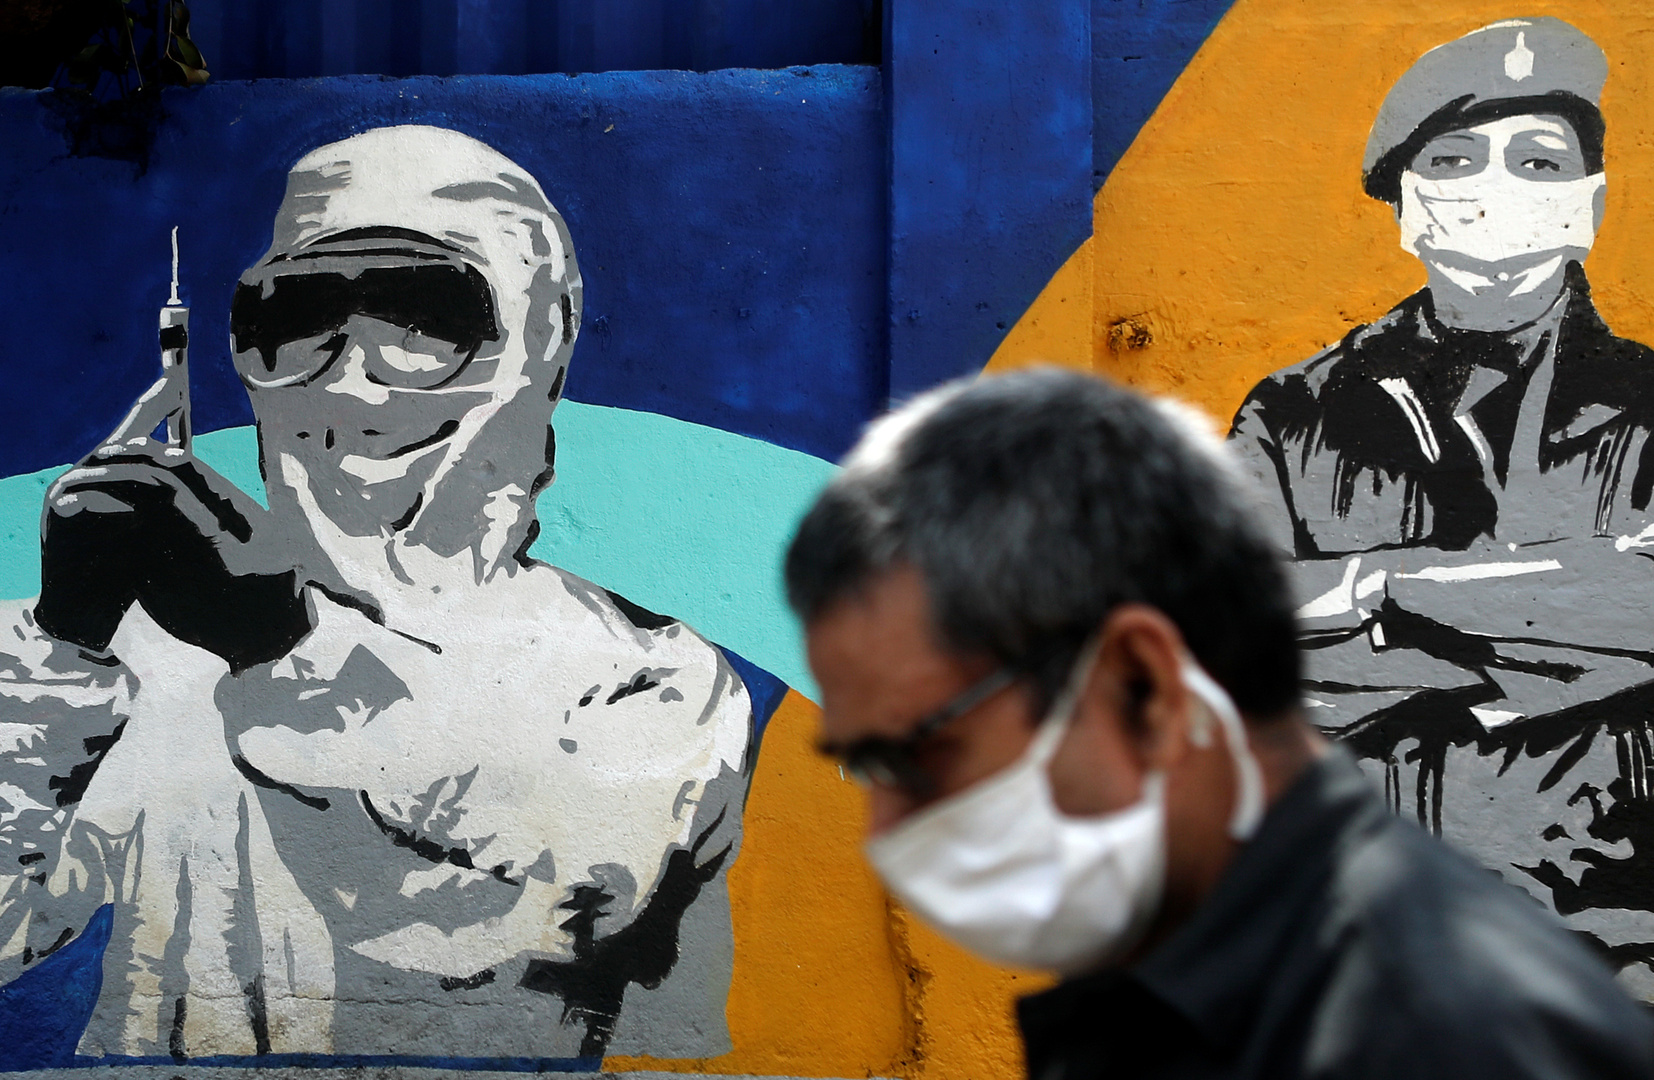 نحو 580 ألف وفاة وأكثر من 13.3 مليون إصابة بفيروس كورونا حول العالم